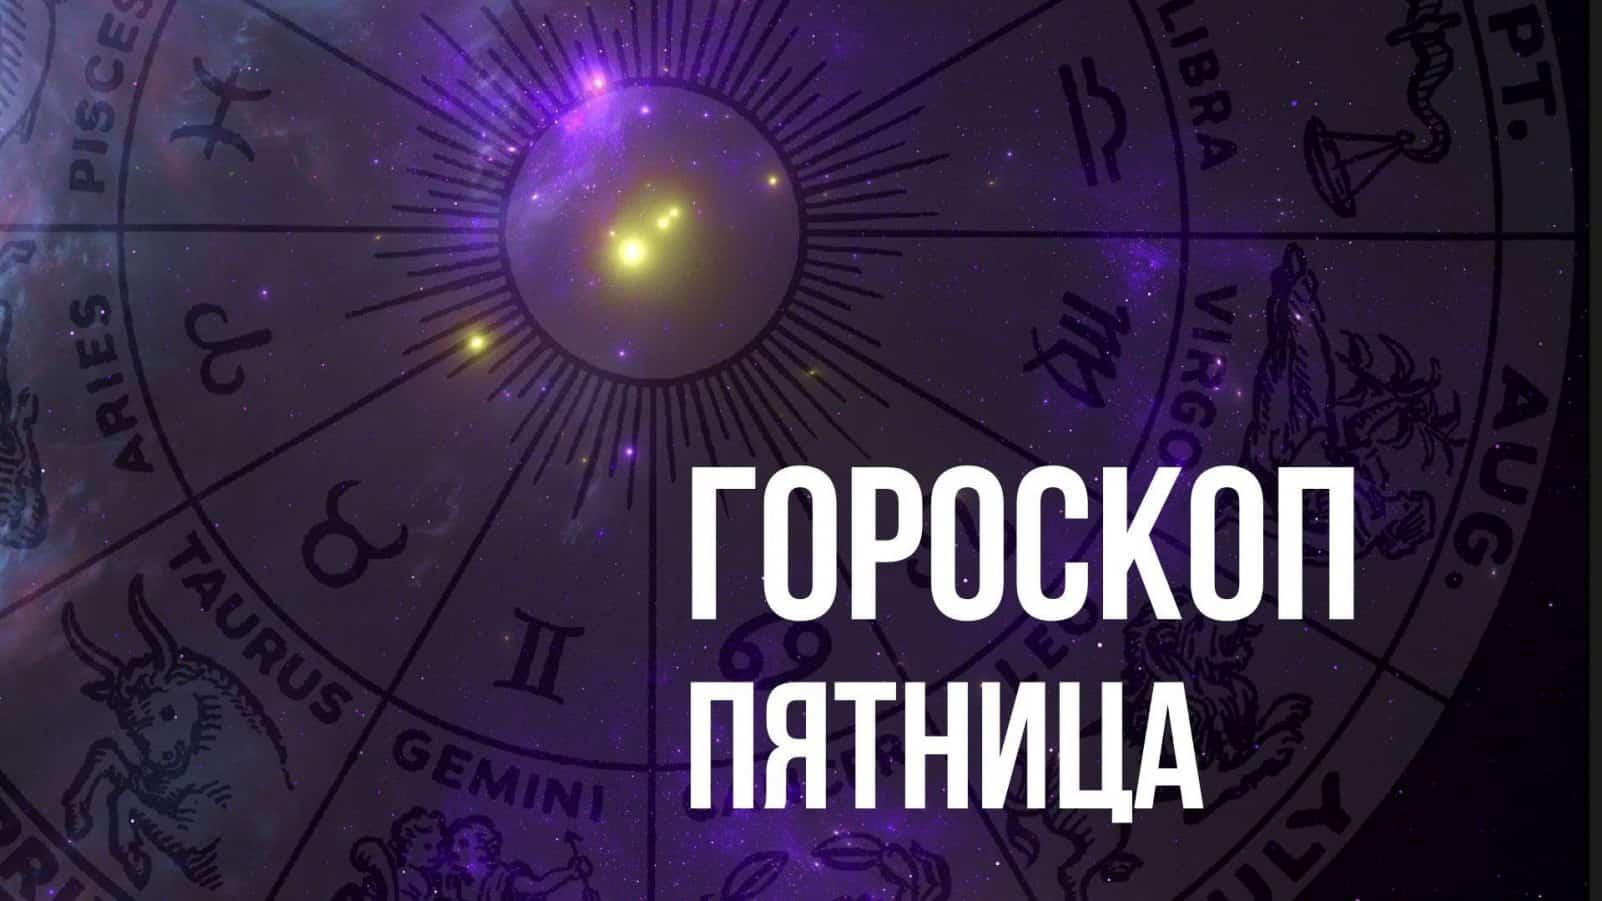 Гороскоп на пятницу 3 сентября для каждого знака Зодиака